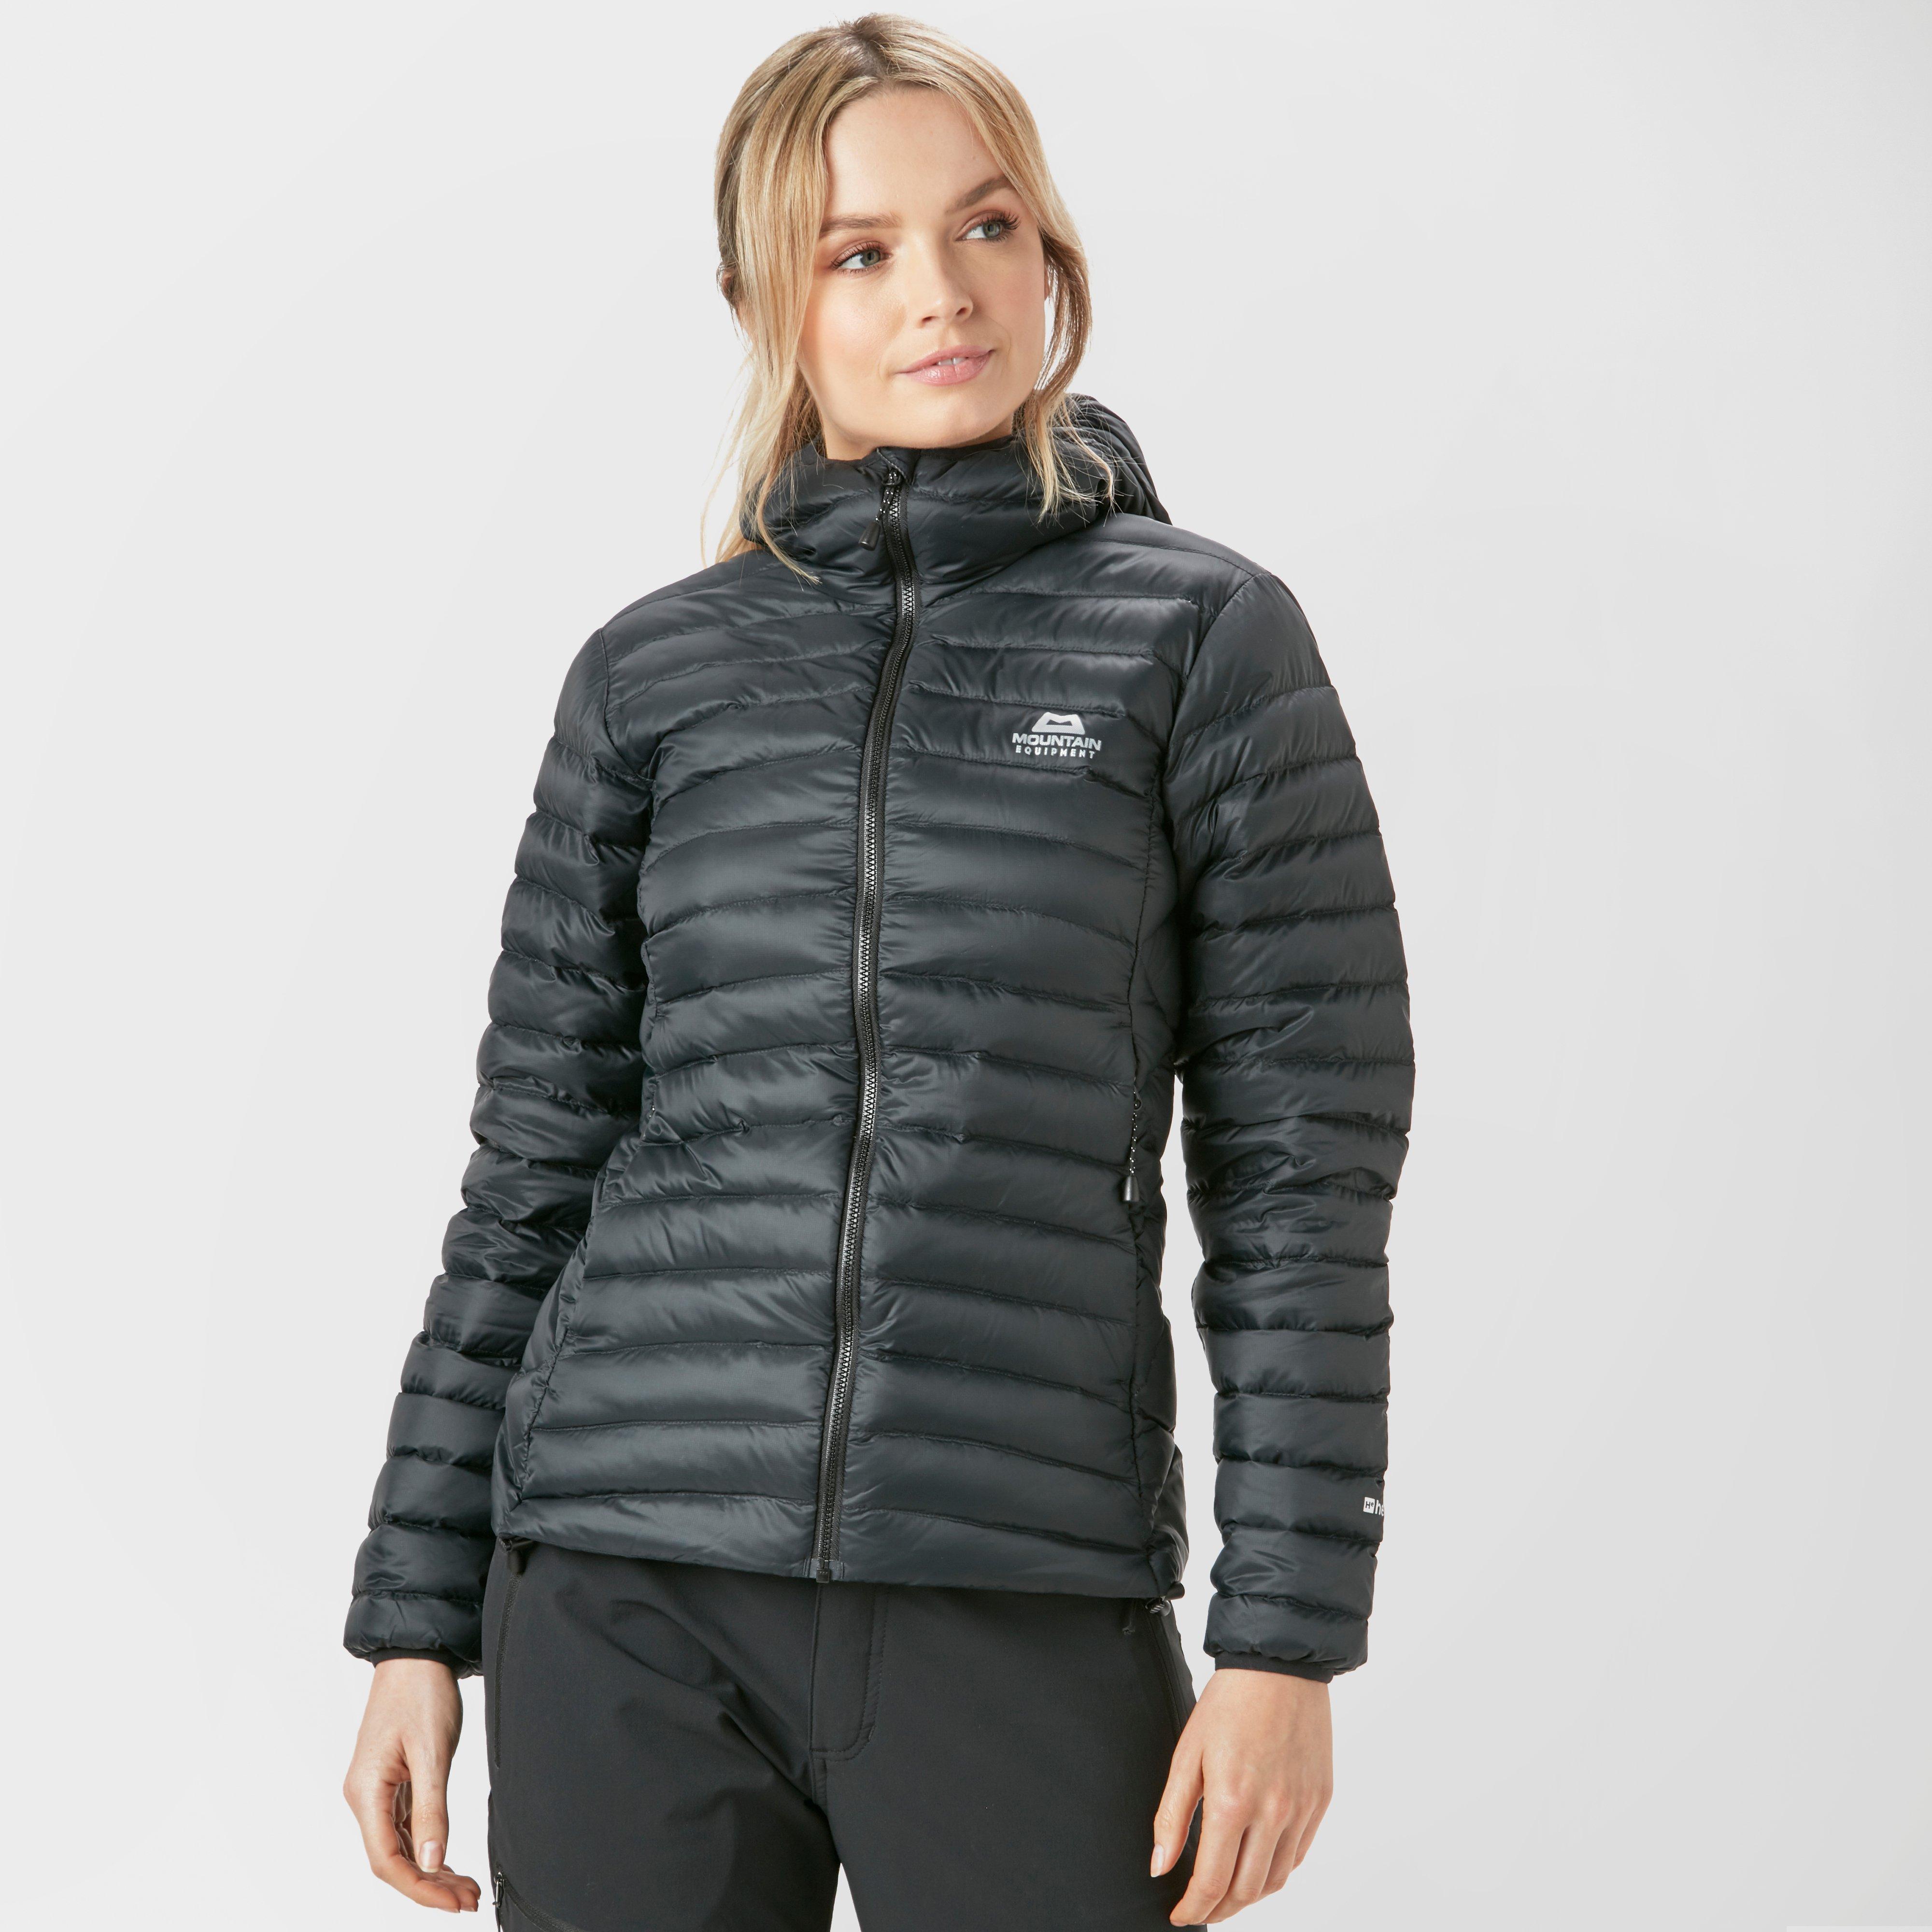 Women's Coats & Jackets | Blacks